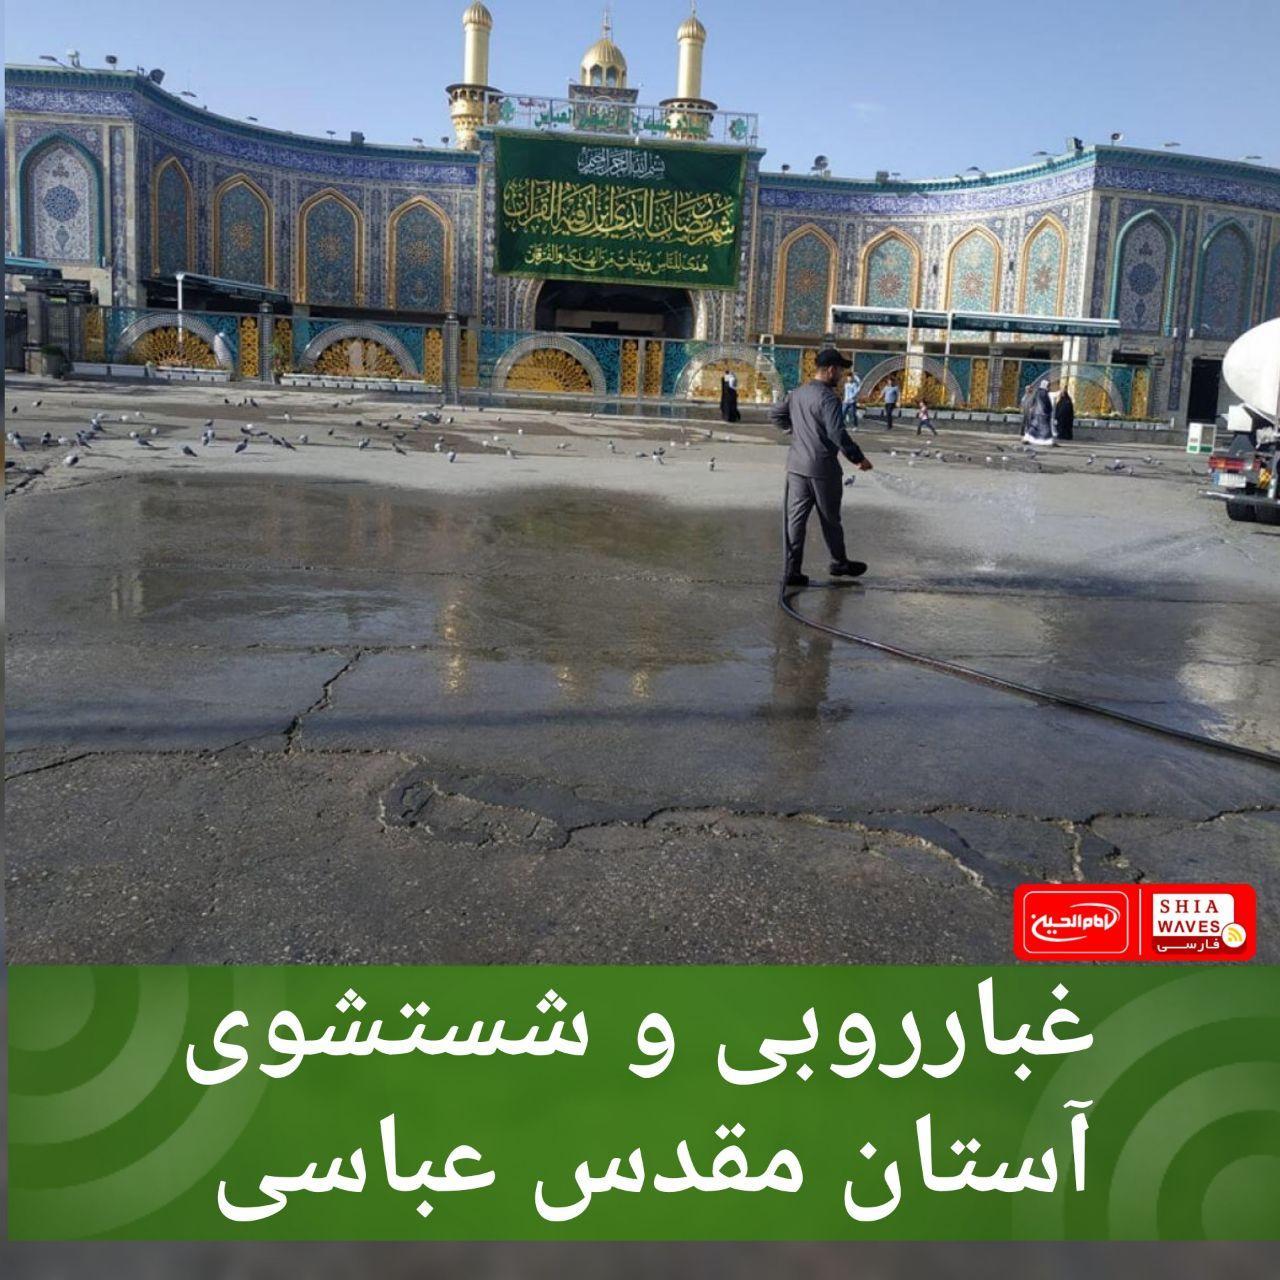 تصویر غبارروبی و شستشوی آستان مقدس عباسی